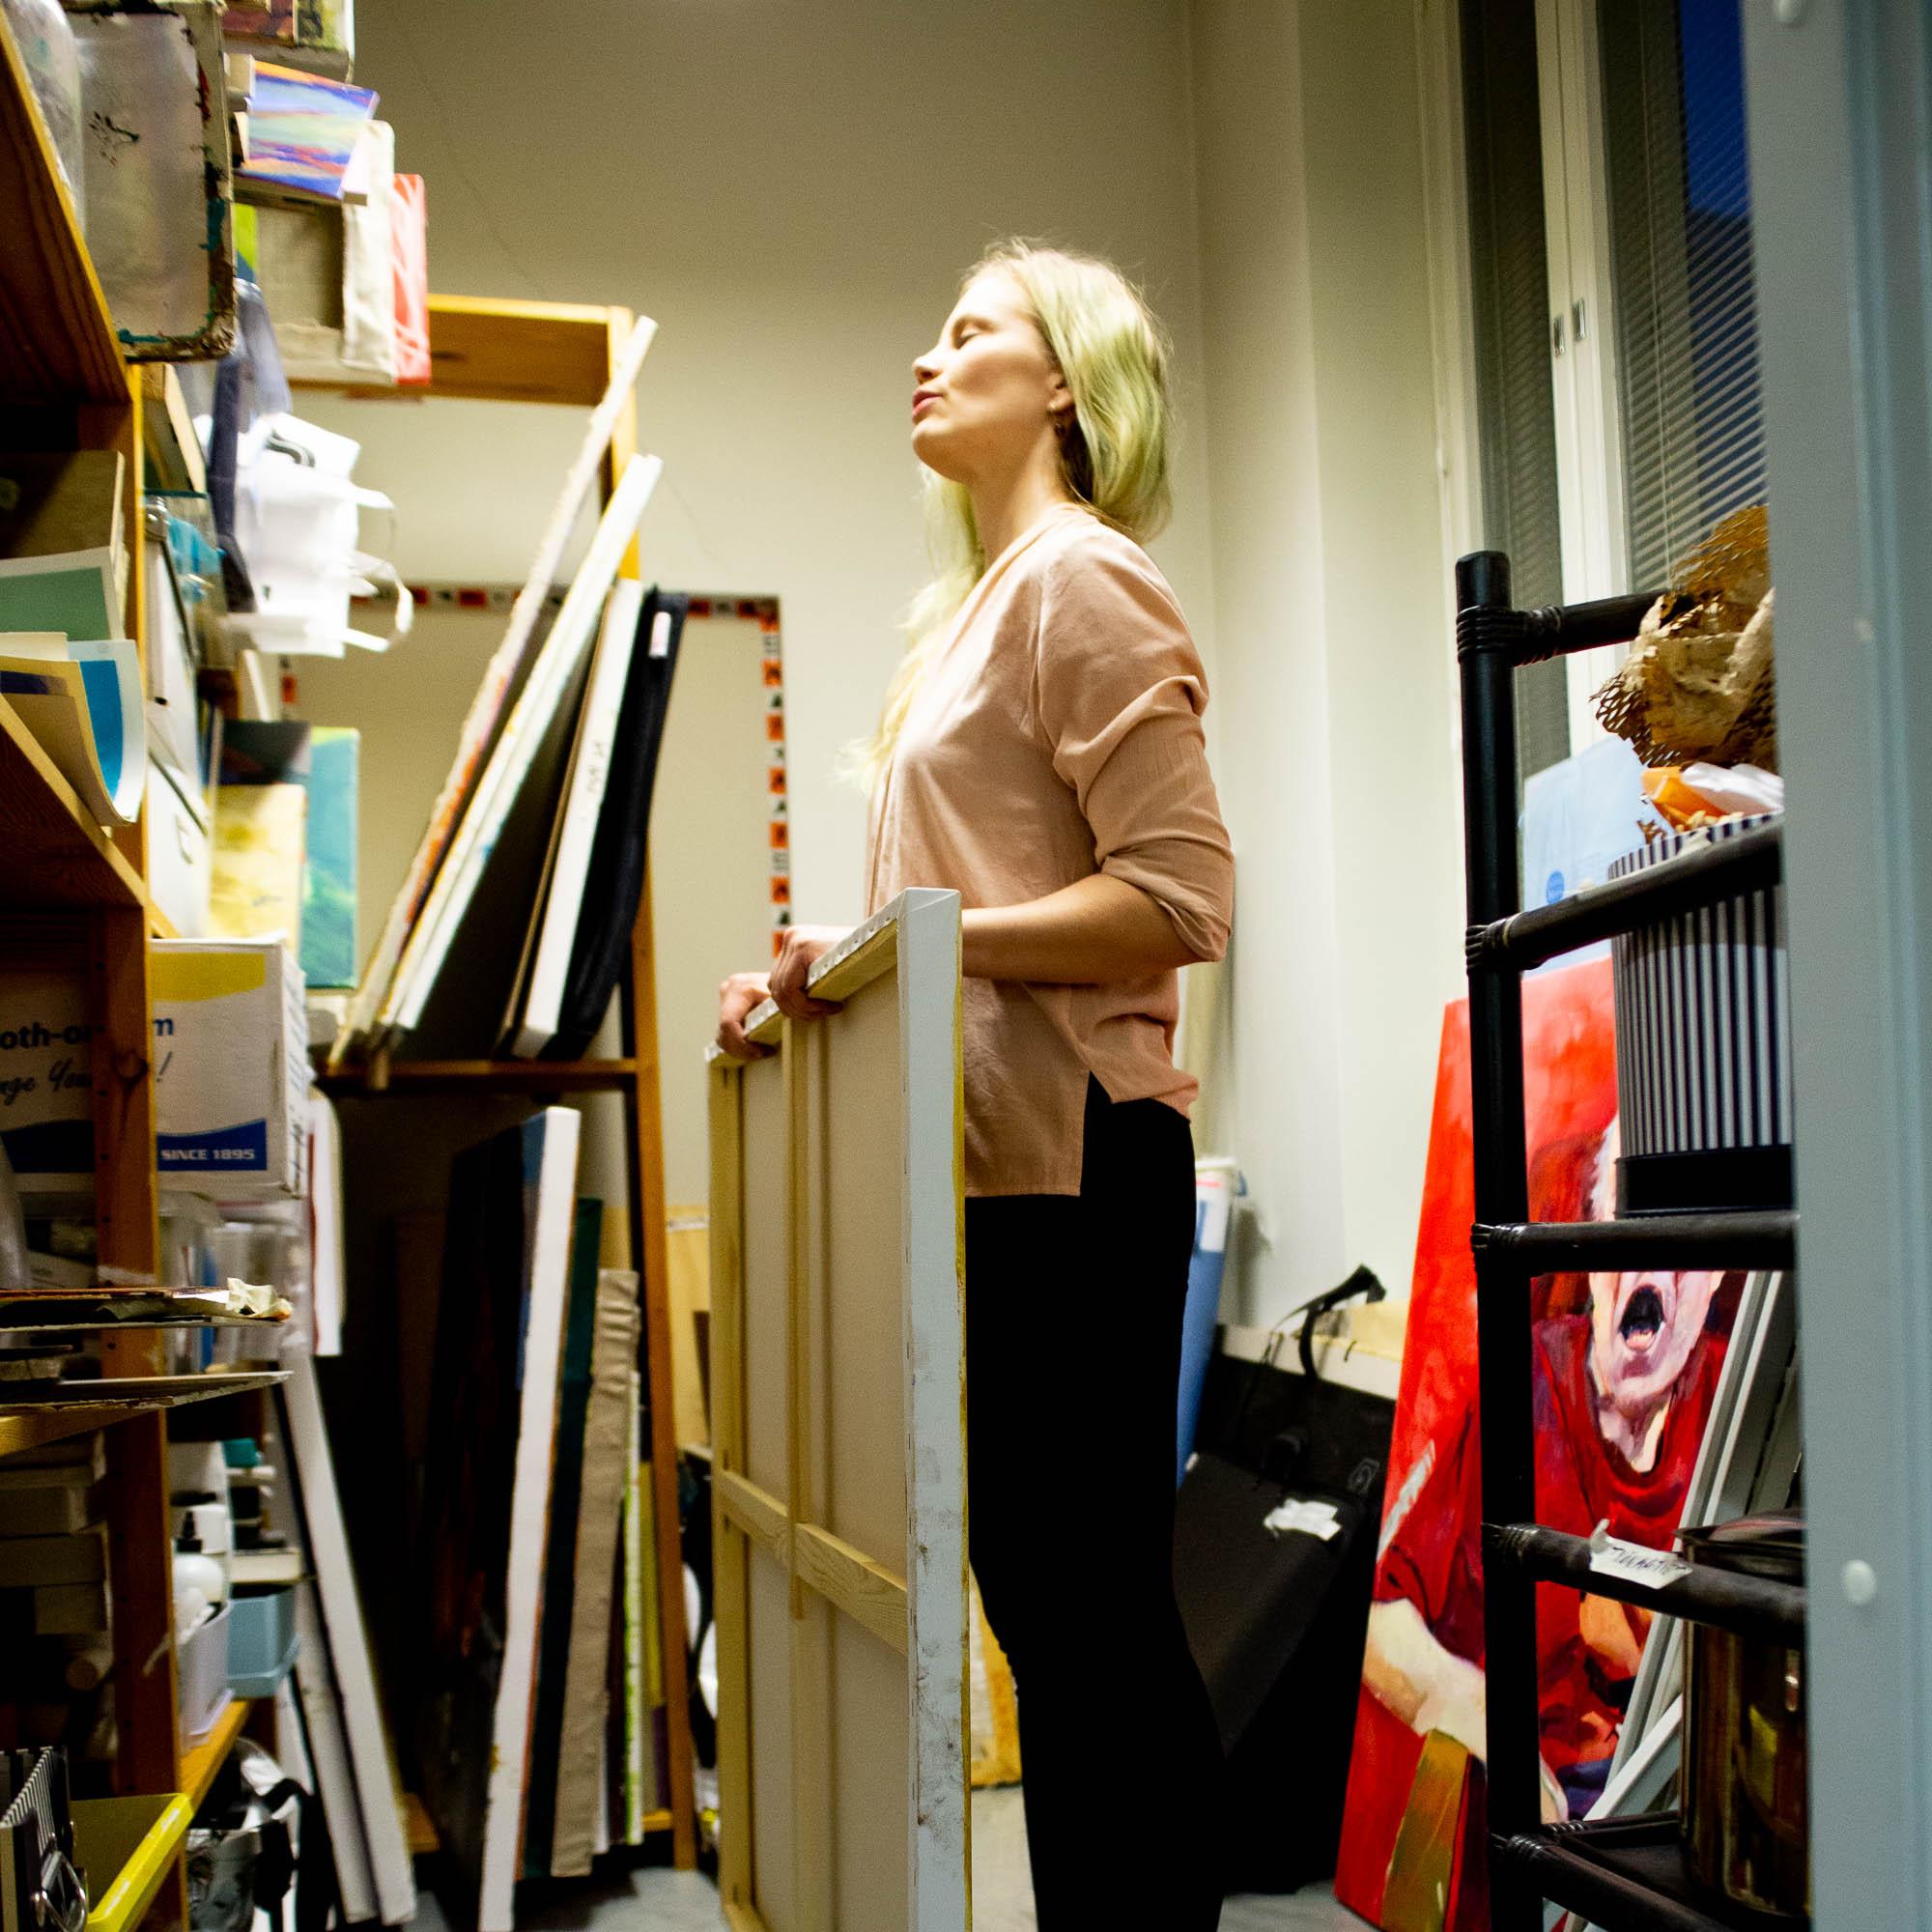 Nainen maalaus käsissään, seisoo katse ylöspäin pienessä kirkkaasti valaistussa varastohuoneessa